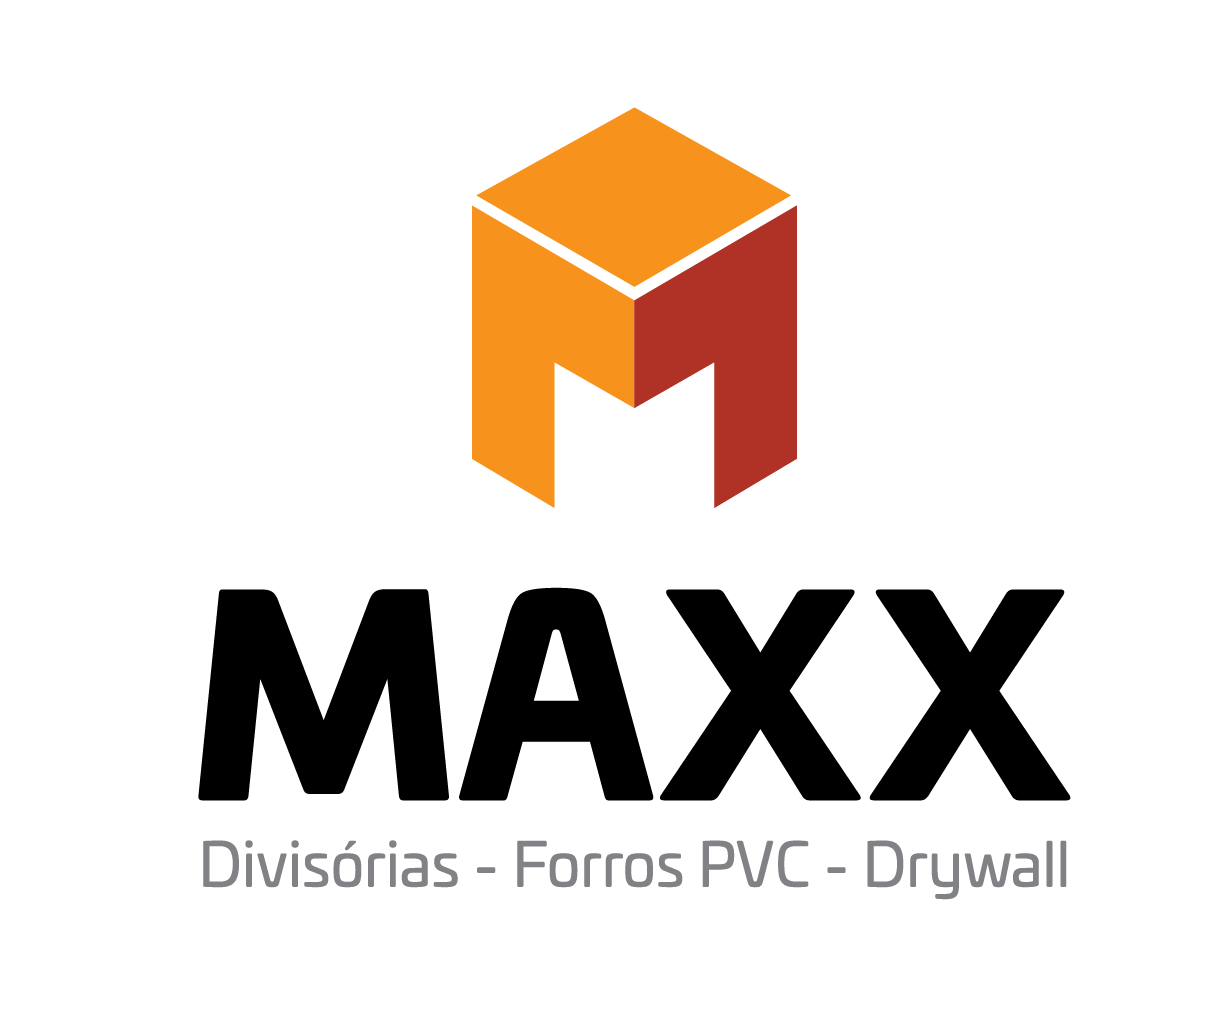 Onde Comprar Forro de Pvc Liso Parque Anhembi - Forro de Pvc Completo - Maxx Forro